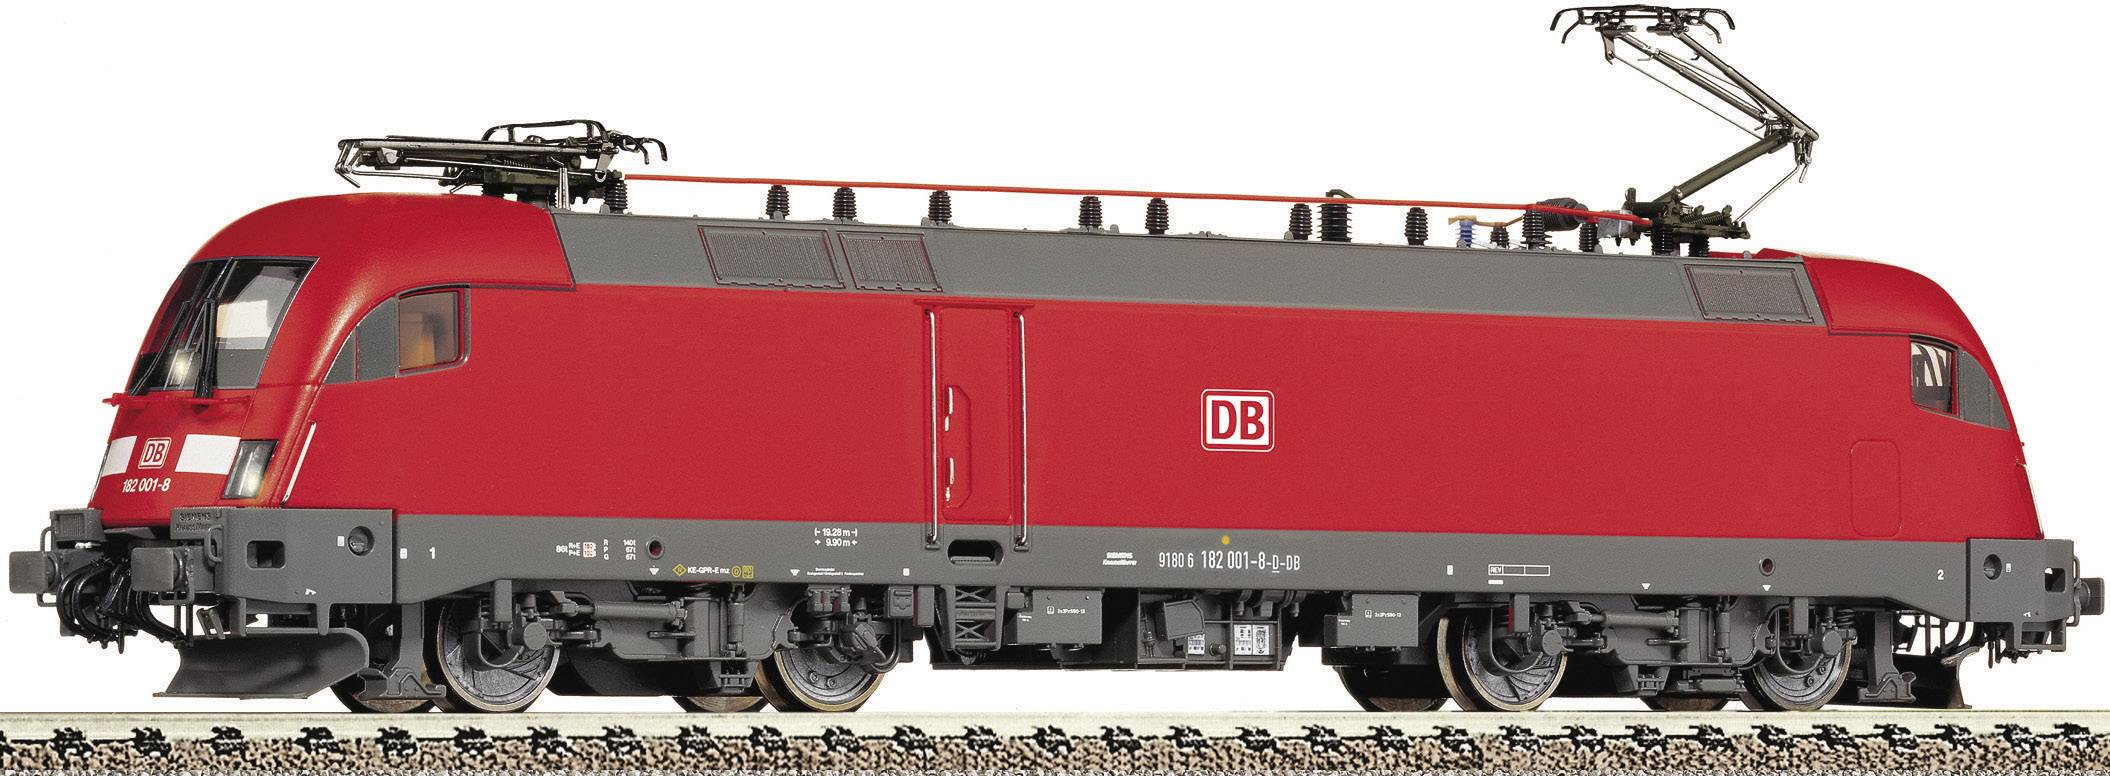 Modelová železnica